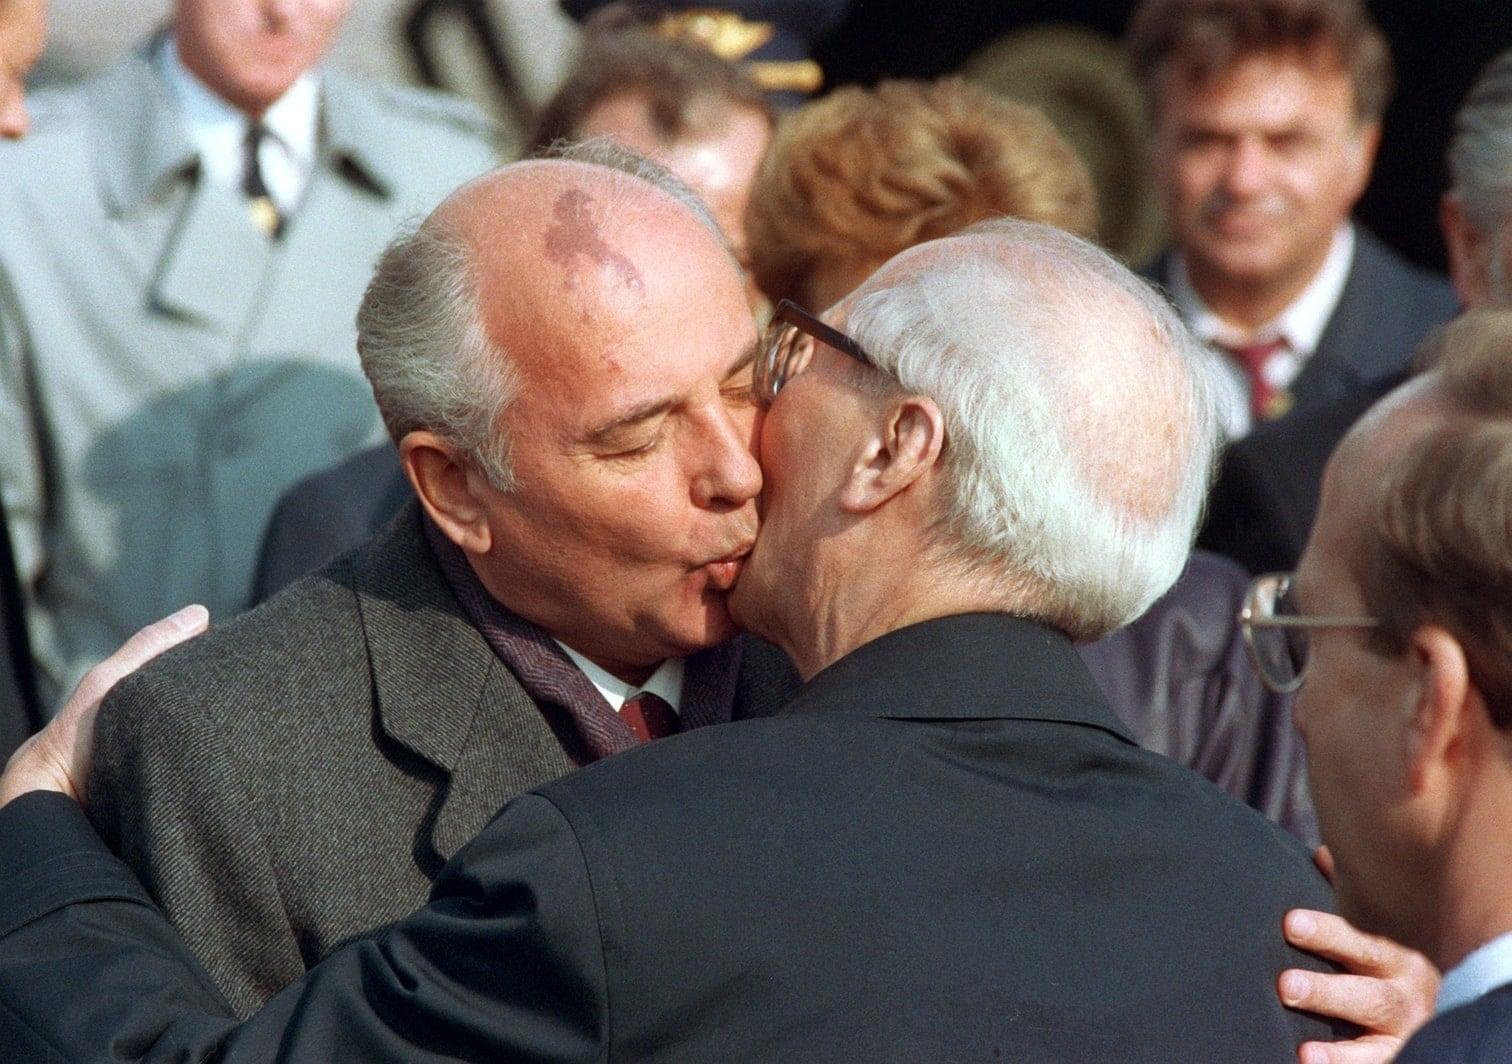 löste das ein Erdbeben aus. Das Bild wurde schnell zu einem der berühmtesten Momente in der Geschichte der MTV Award Shows.</p> Foto: AFP